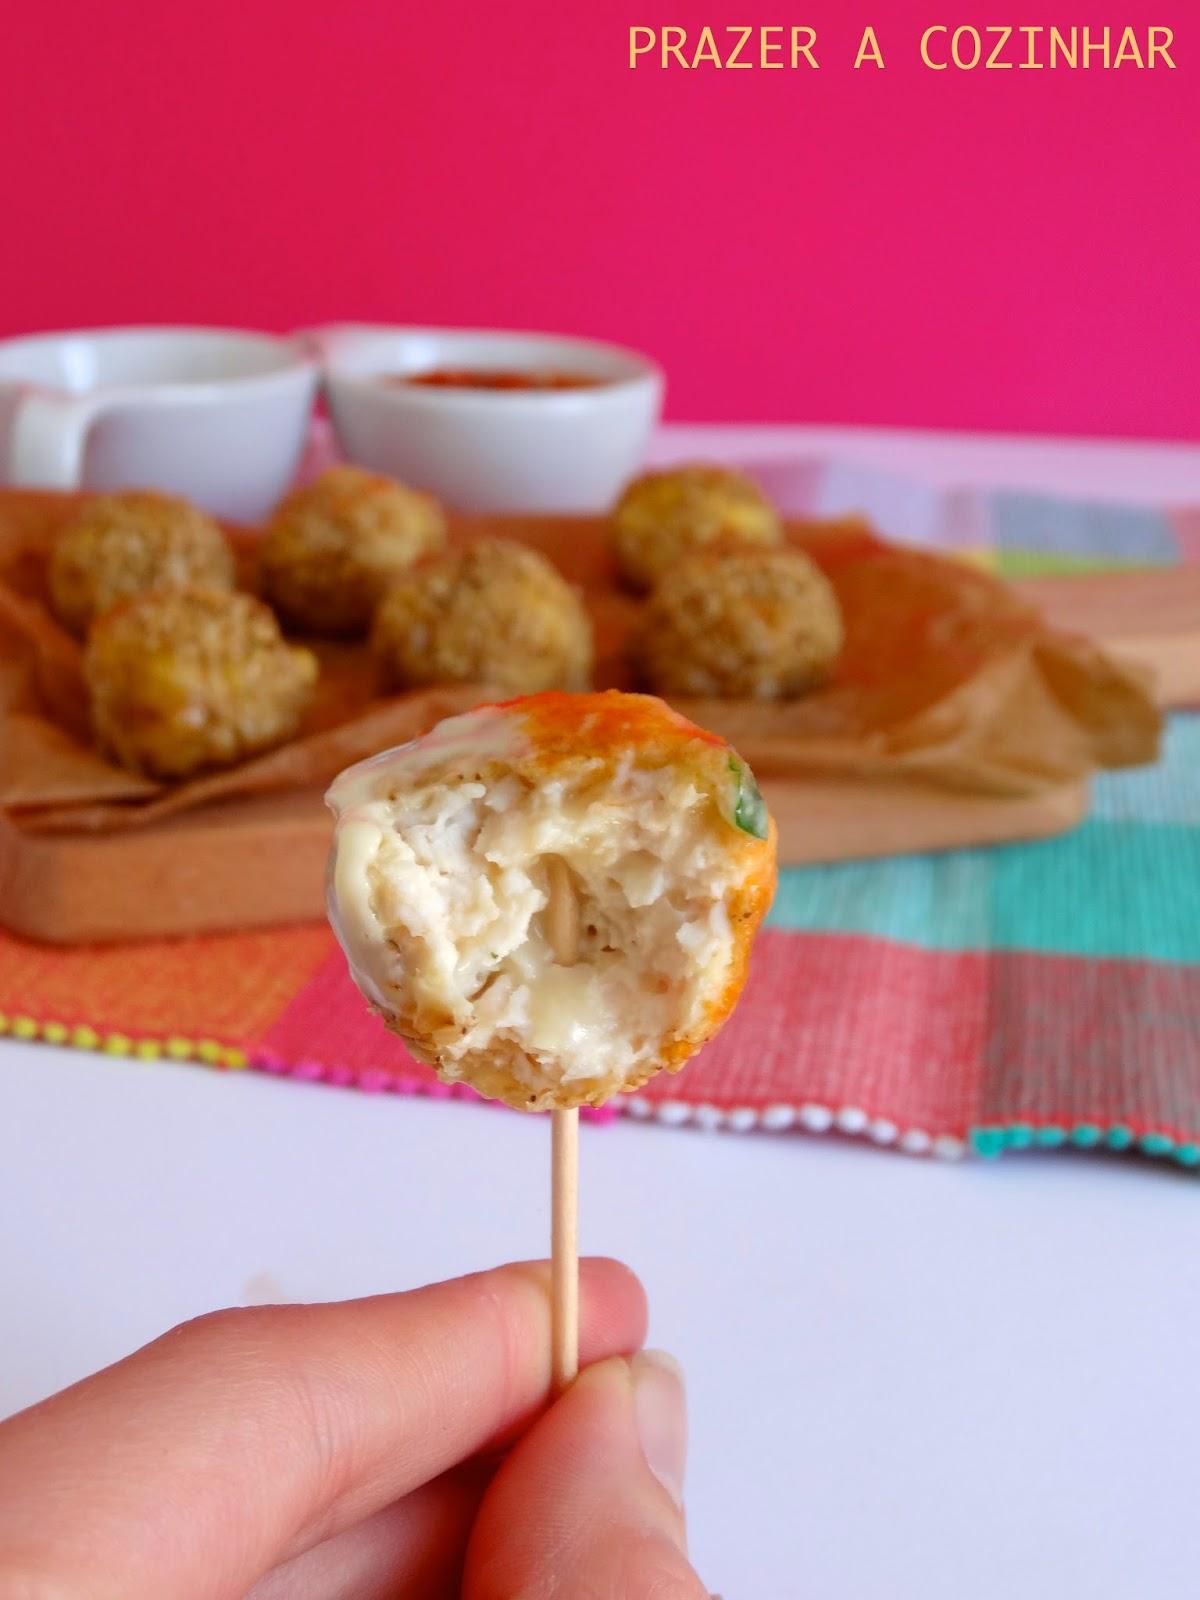 prazer a cozinhar - Almôndegas de frango e queijo